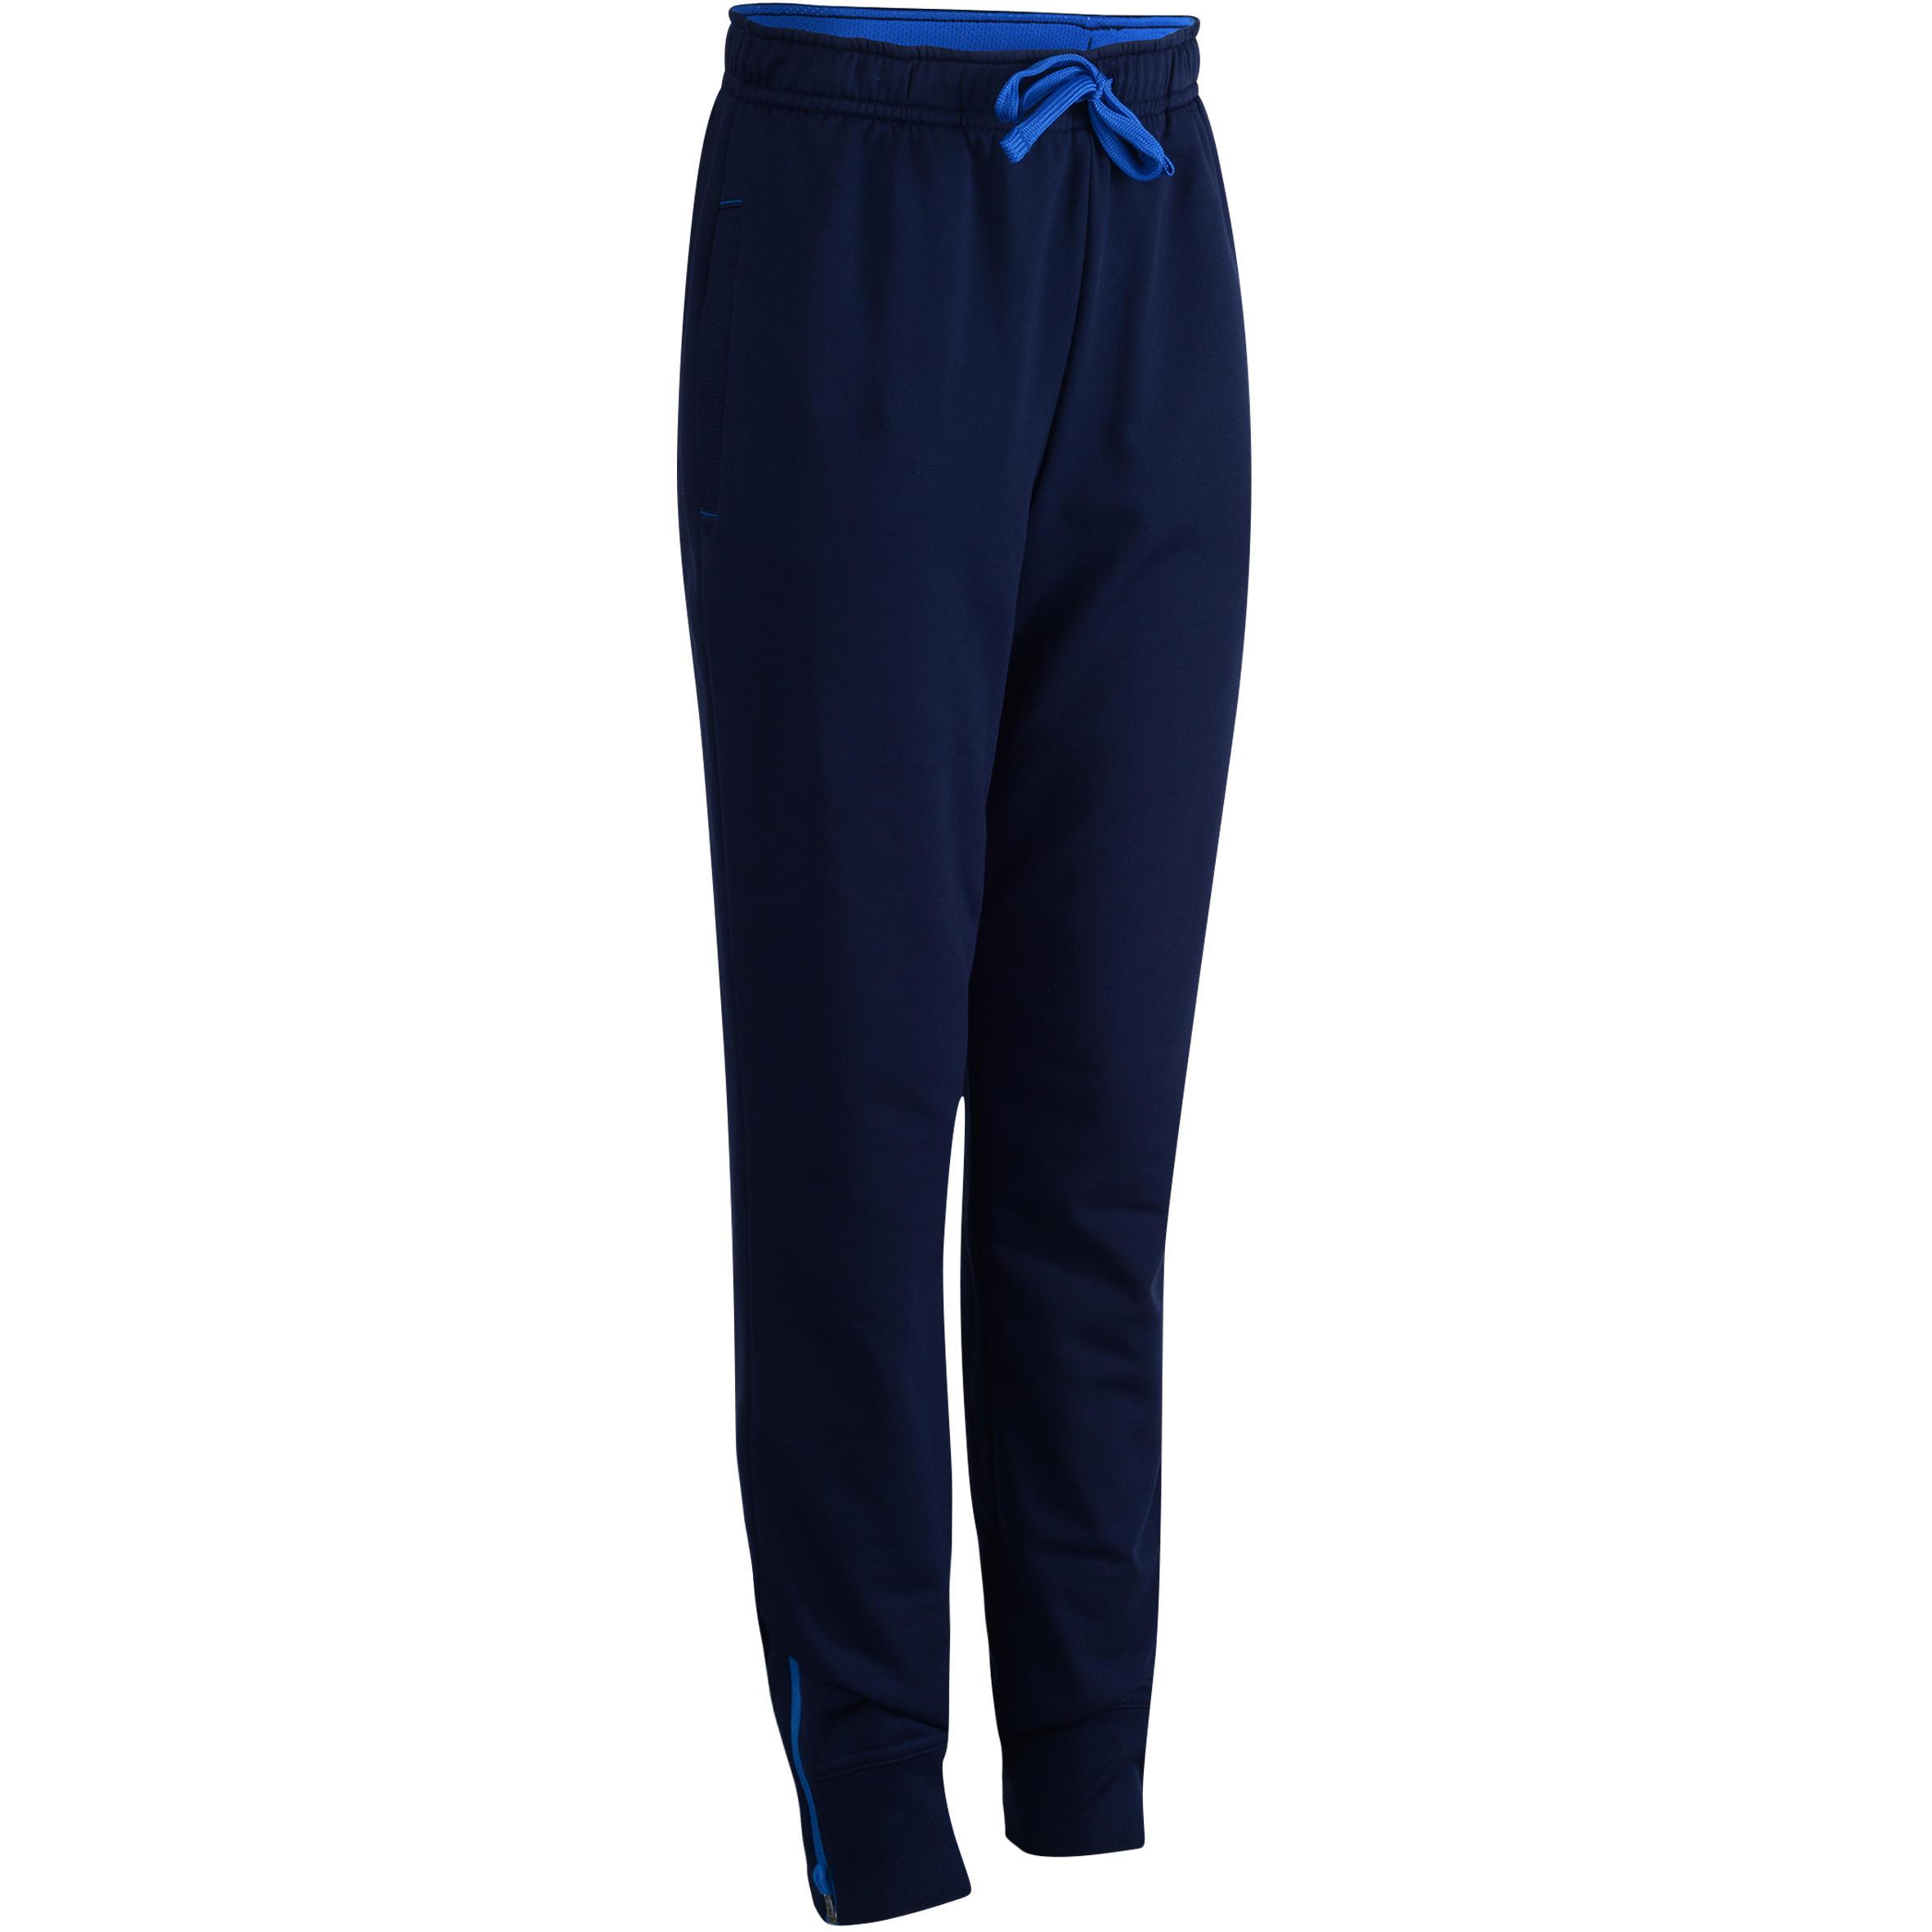 Pantalón 580 cálido slim gimnasia niño azul marino